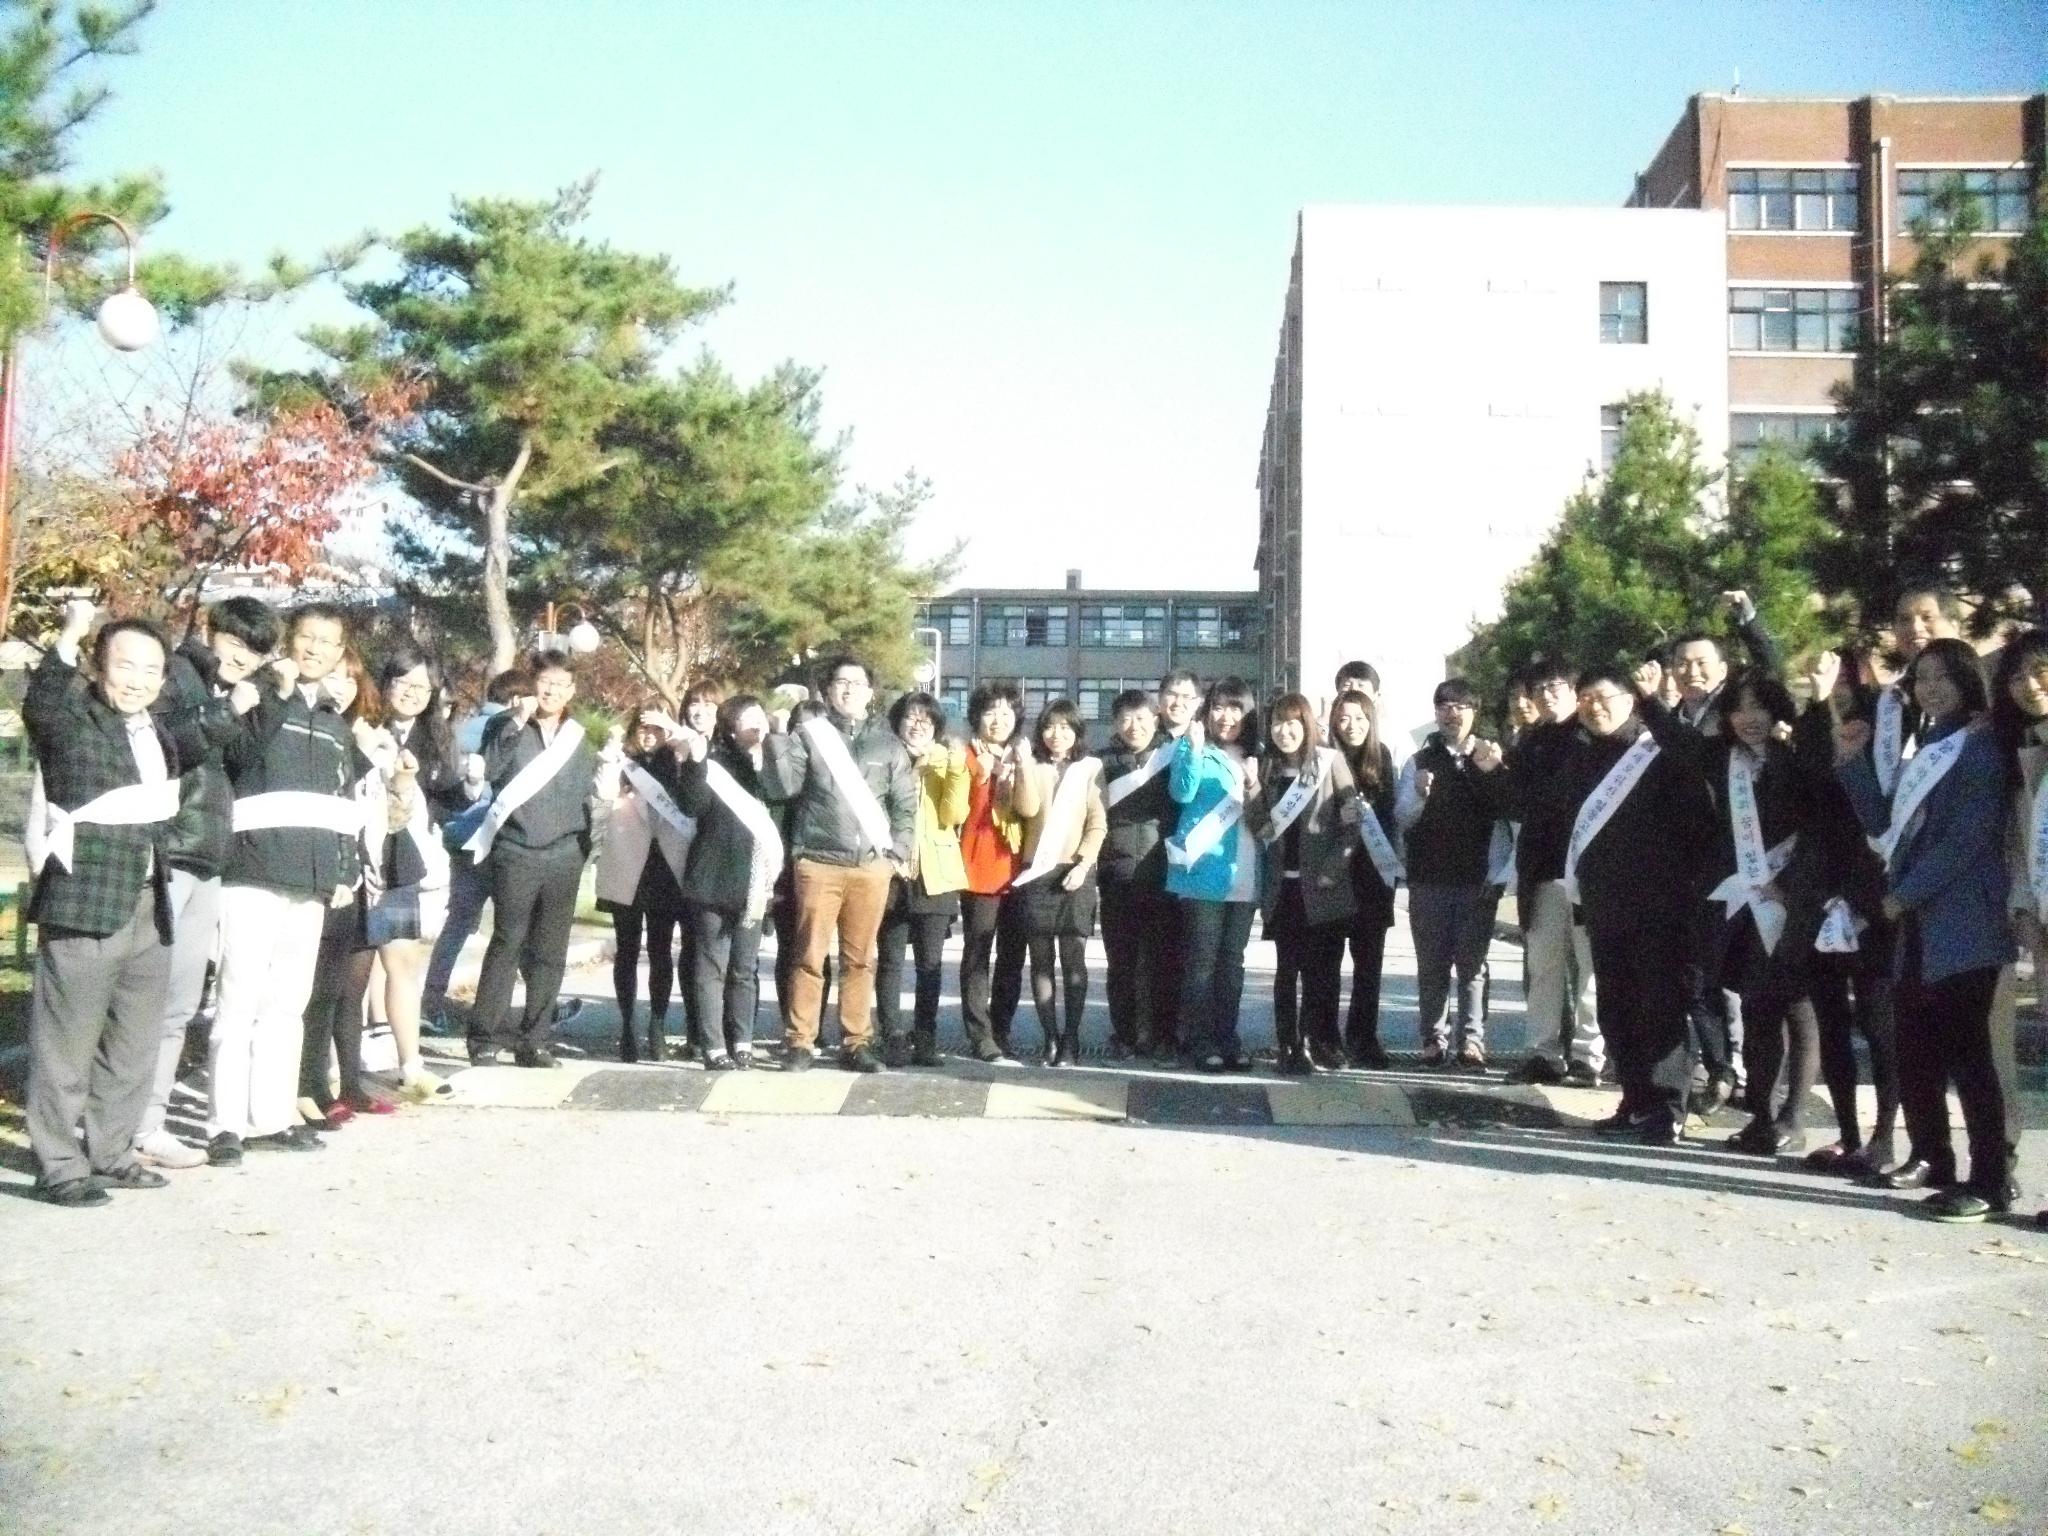 [일반] 학생의 날 기념 Free Hug DAY의 첨부이미지 2